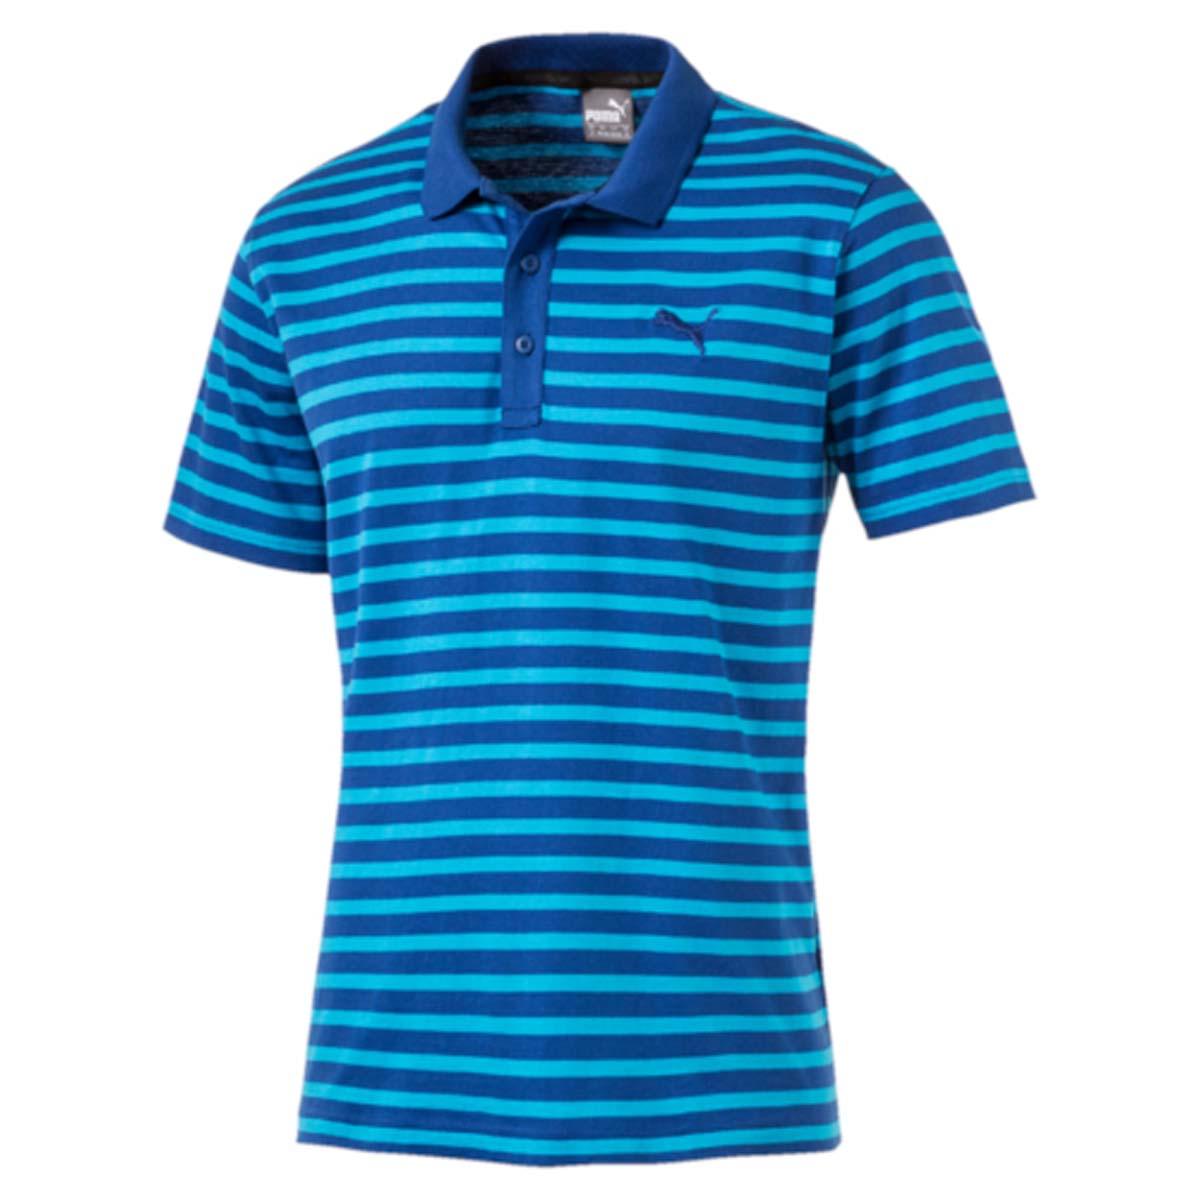 Поло83825031Стильная мужская рубашка-поло ESS Striped Jersey Polo выполнена из 100% хлопка с финальной влагоотводящей обработкой на основе биотехнологий. Модель декорирована логотипом PUMA и принтом в полоску. Среди других отличительных особенностей изделия - отложной воротник из трикотажа в рубчик, отделка тесьмой с фирменной символикой с внутренней стороны ворота и пуговицы с фирменной символикой PUMA. Классический крой понравится ценителям простого и лаконичного стиля, а воротник добавит элегантности модели. Отличный вариант для повседневного образа.